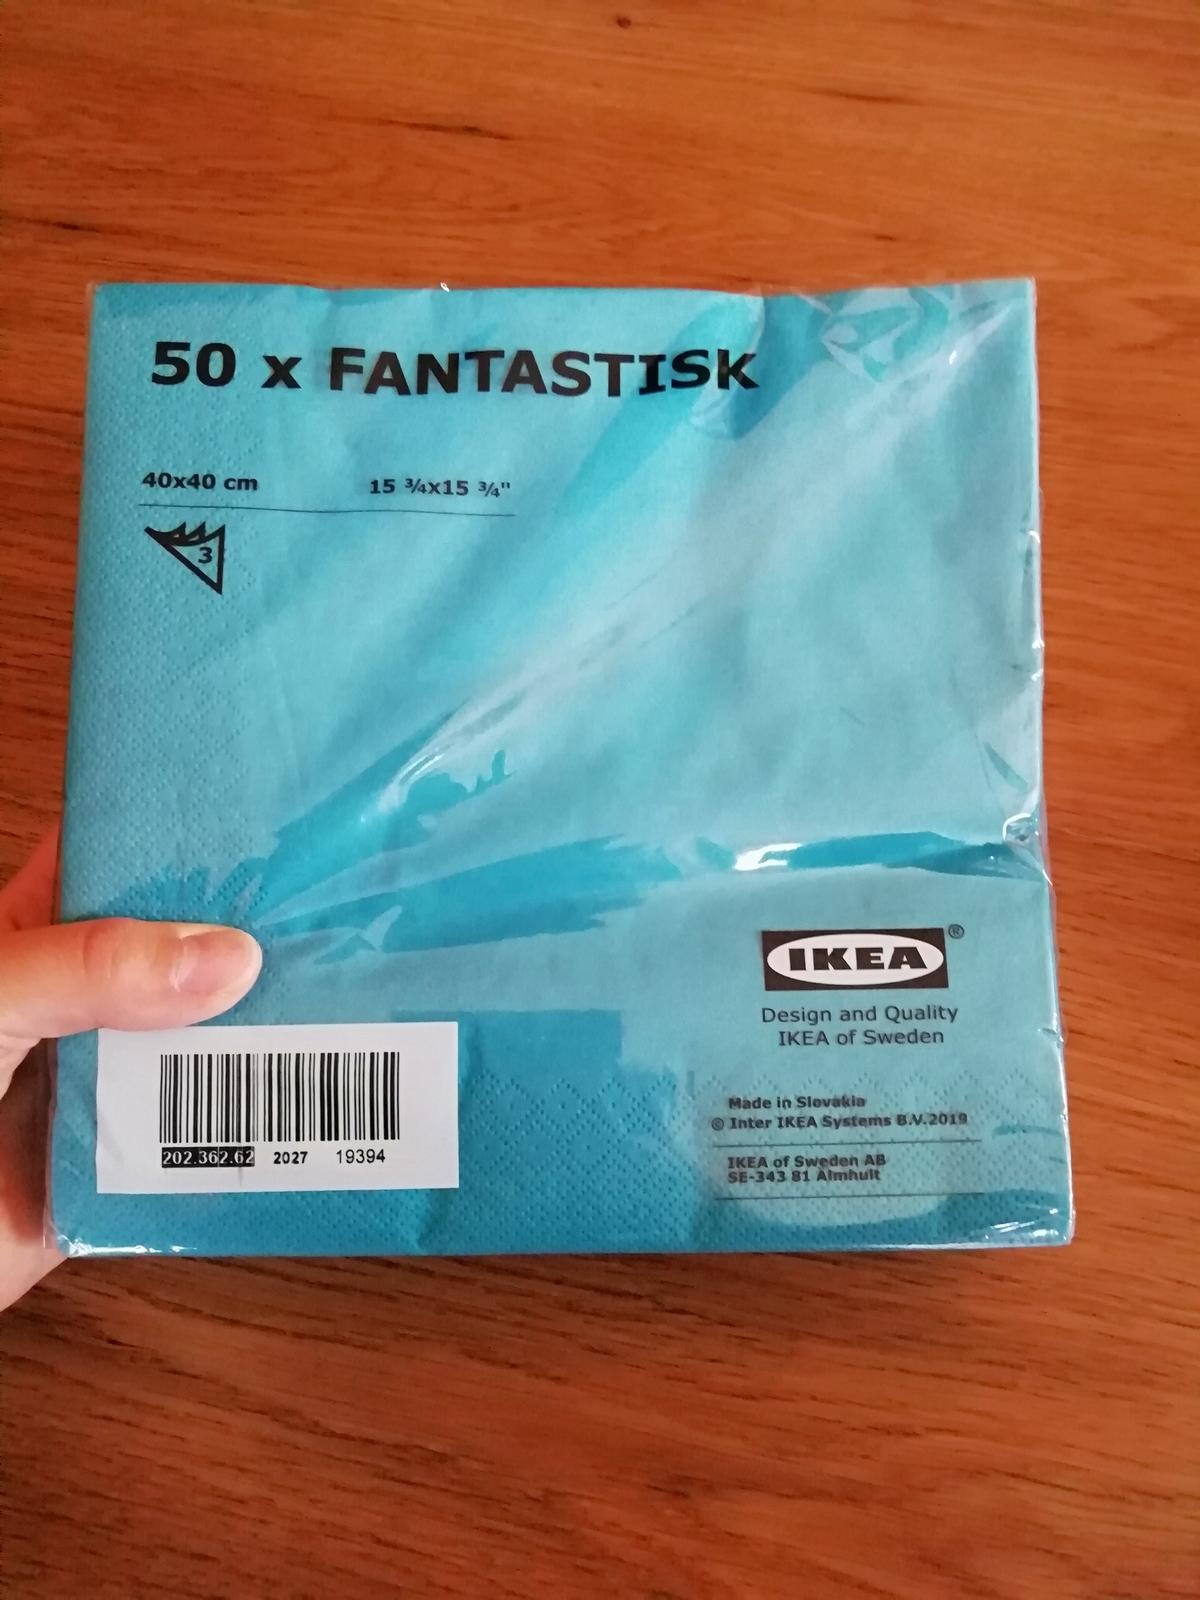 Ubrousky IKEA FANTASTISK - tyrkysové - Obrázek č. 1